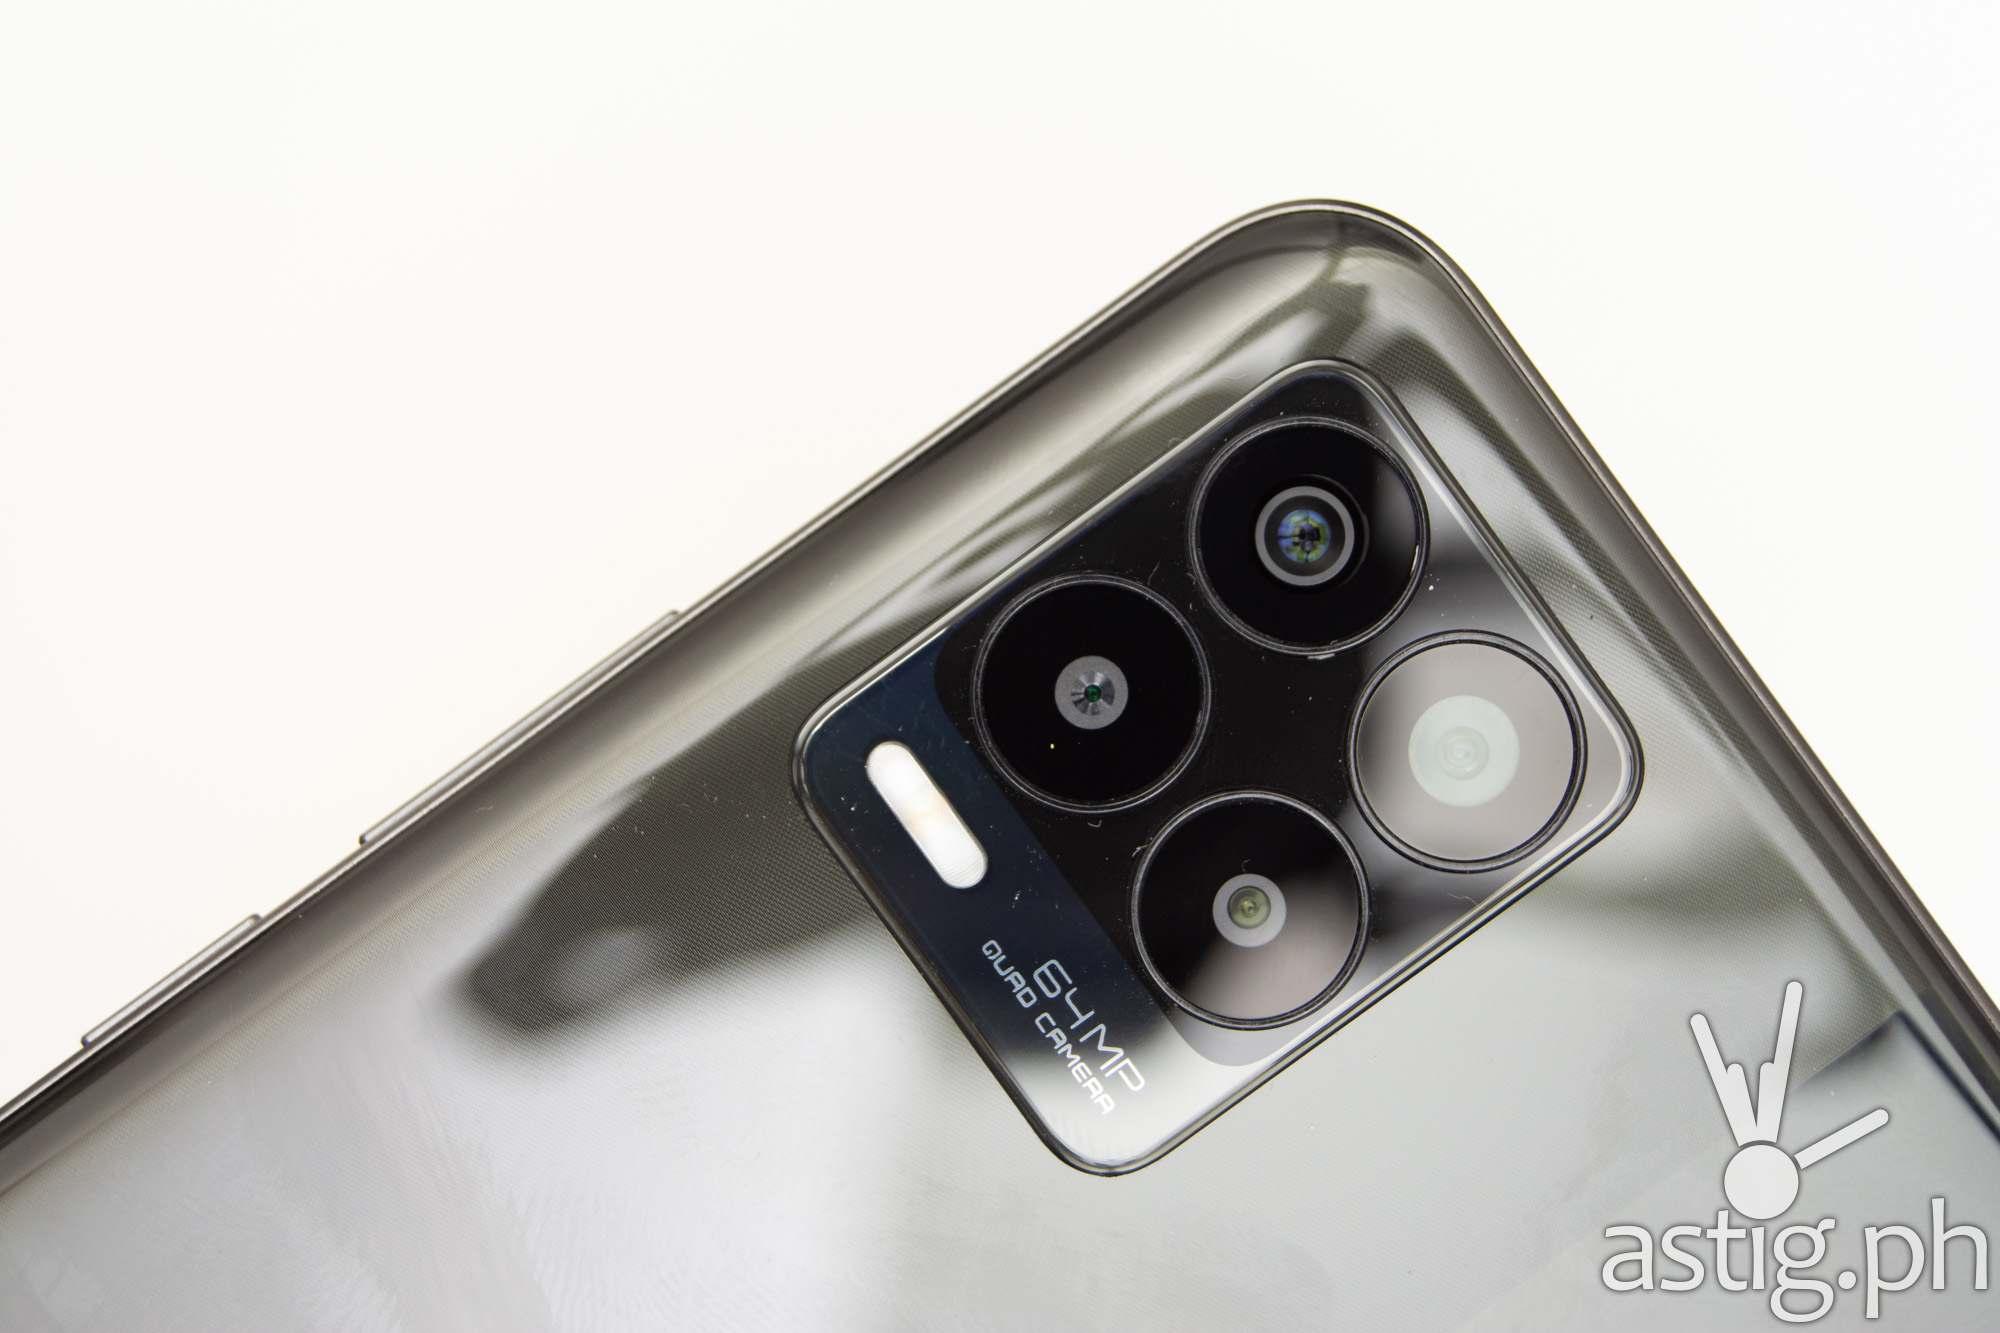 Rear cameras - realme 8 (Philippines)